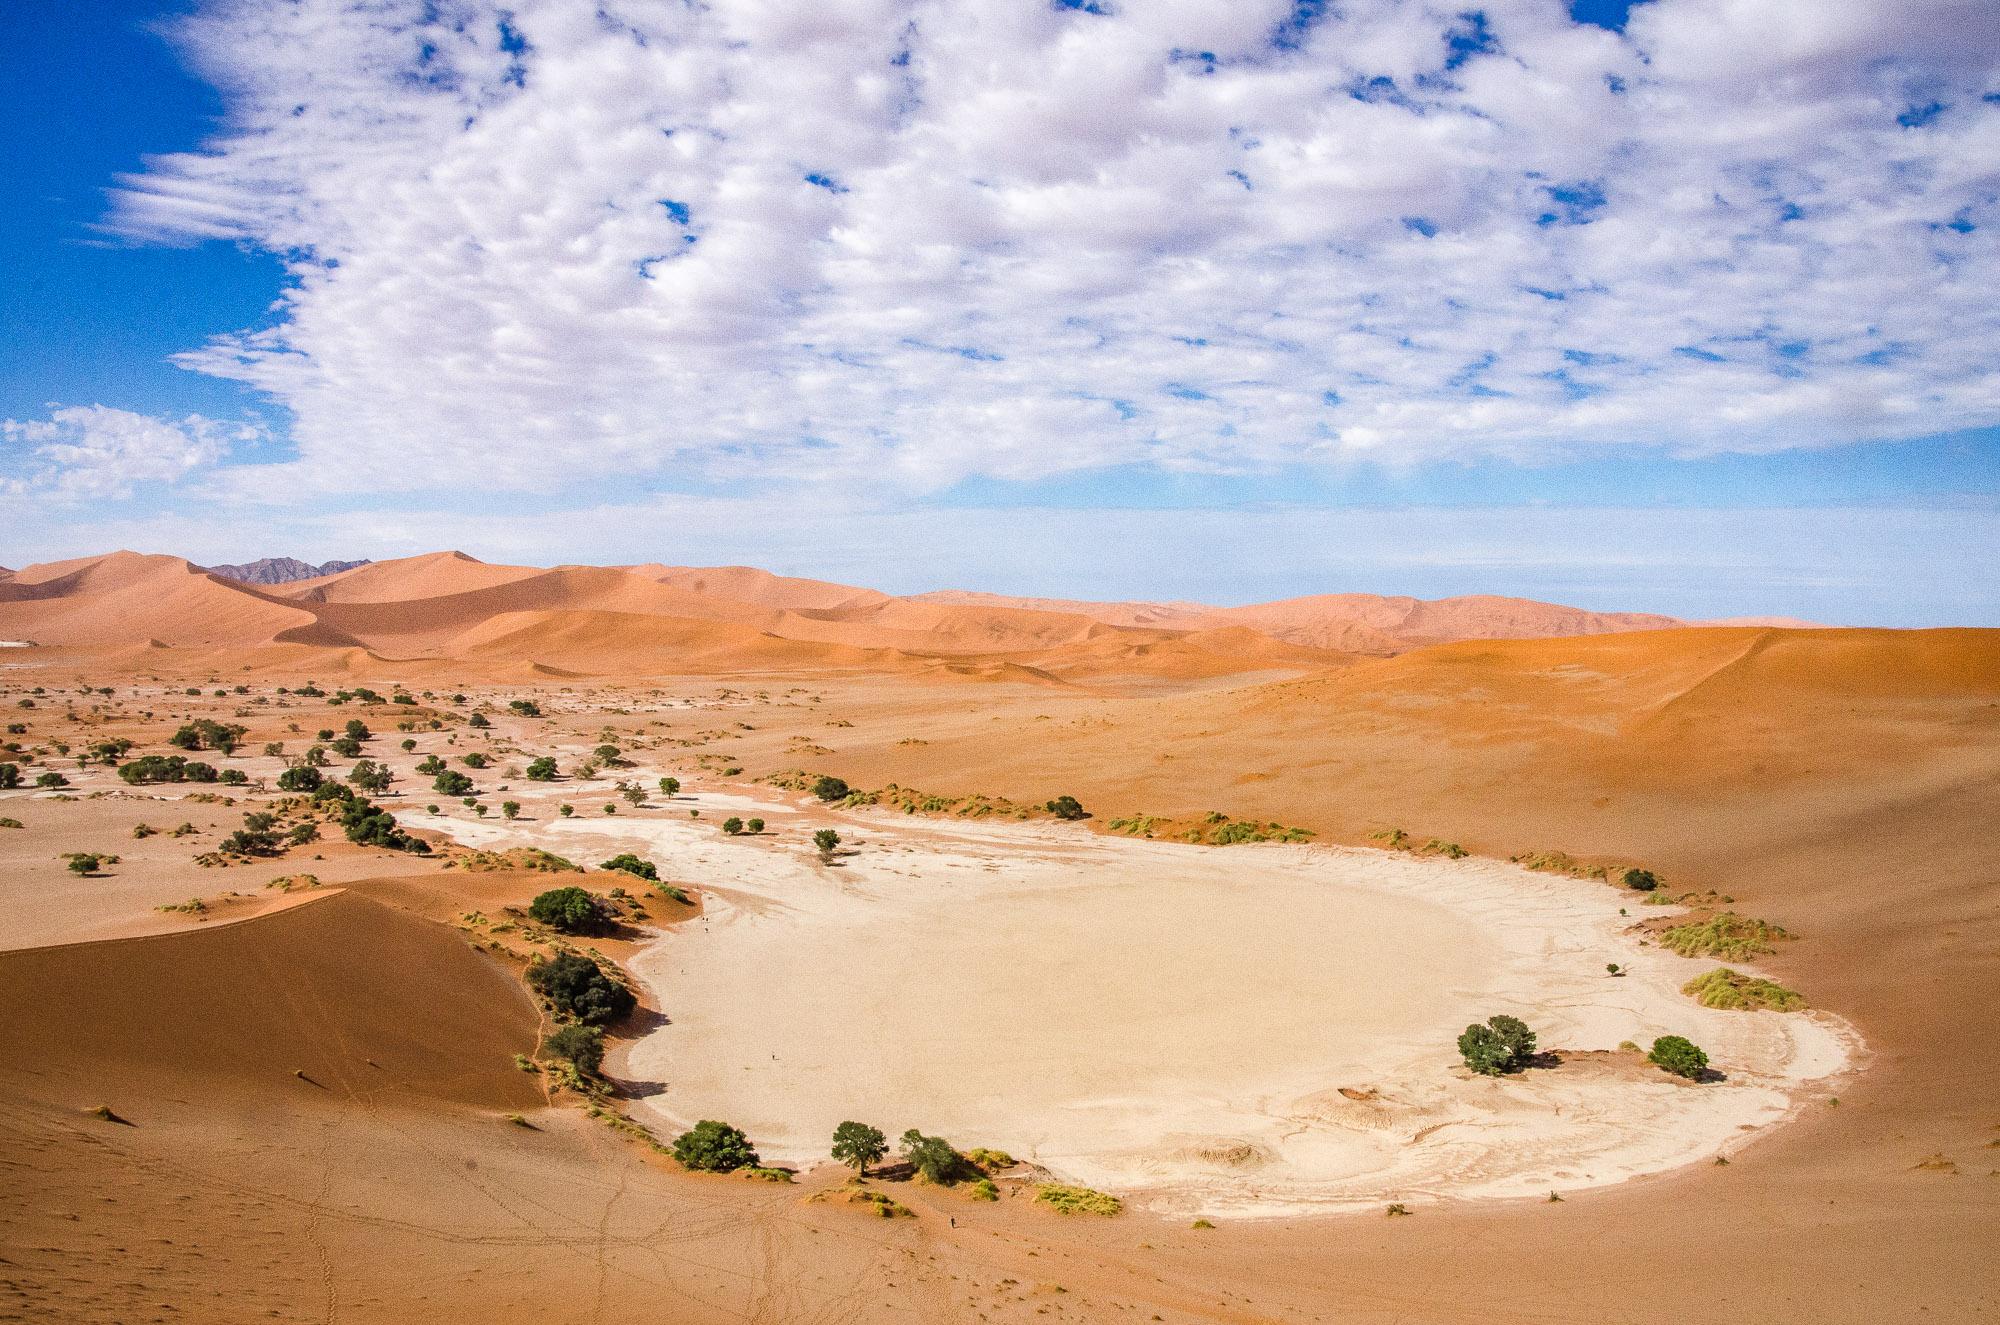 desert de sel namib - sossuvlei - le desert du namibie - afrique, namibie